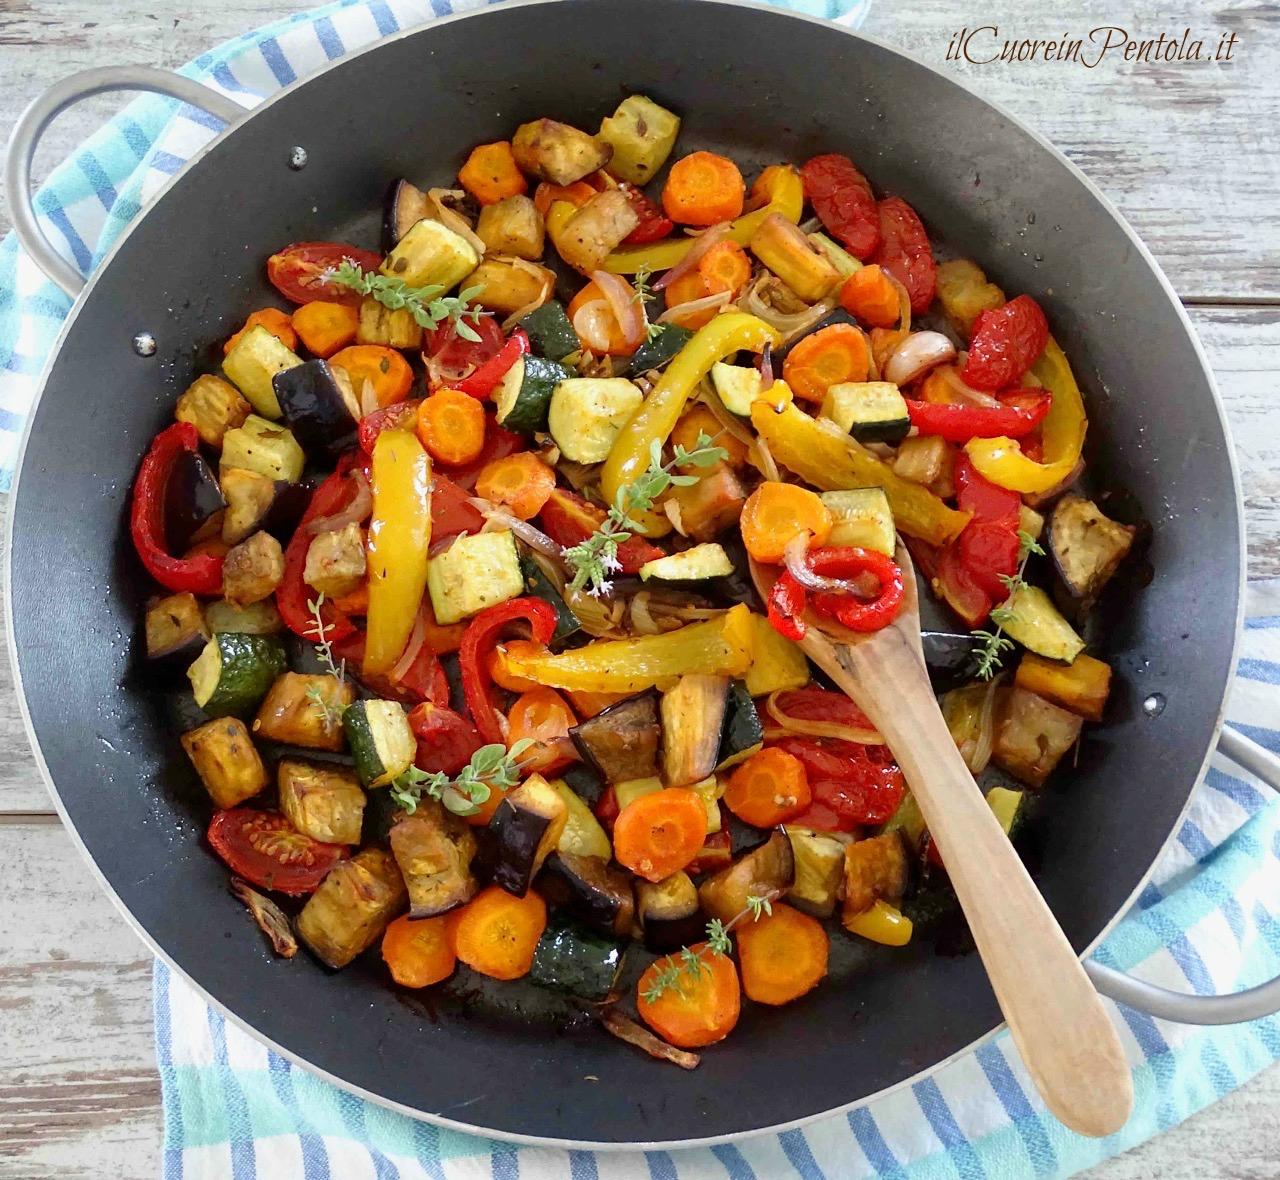 Ricetta Verdure Miste Cotte.Verdure Al Forno Ricetta Verdure Miste Estive Al Forno Il Cuore In Pentola